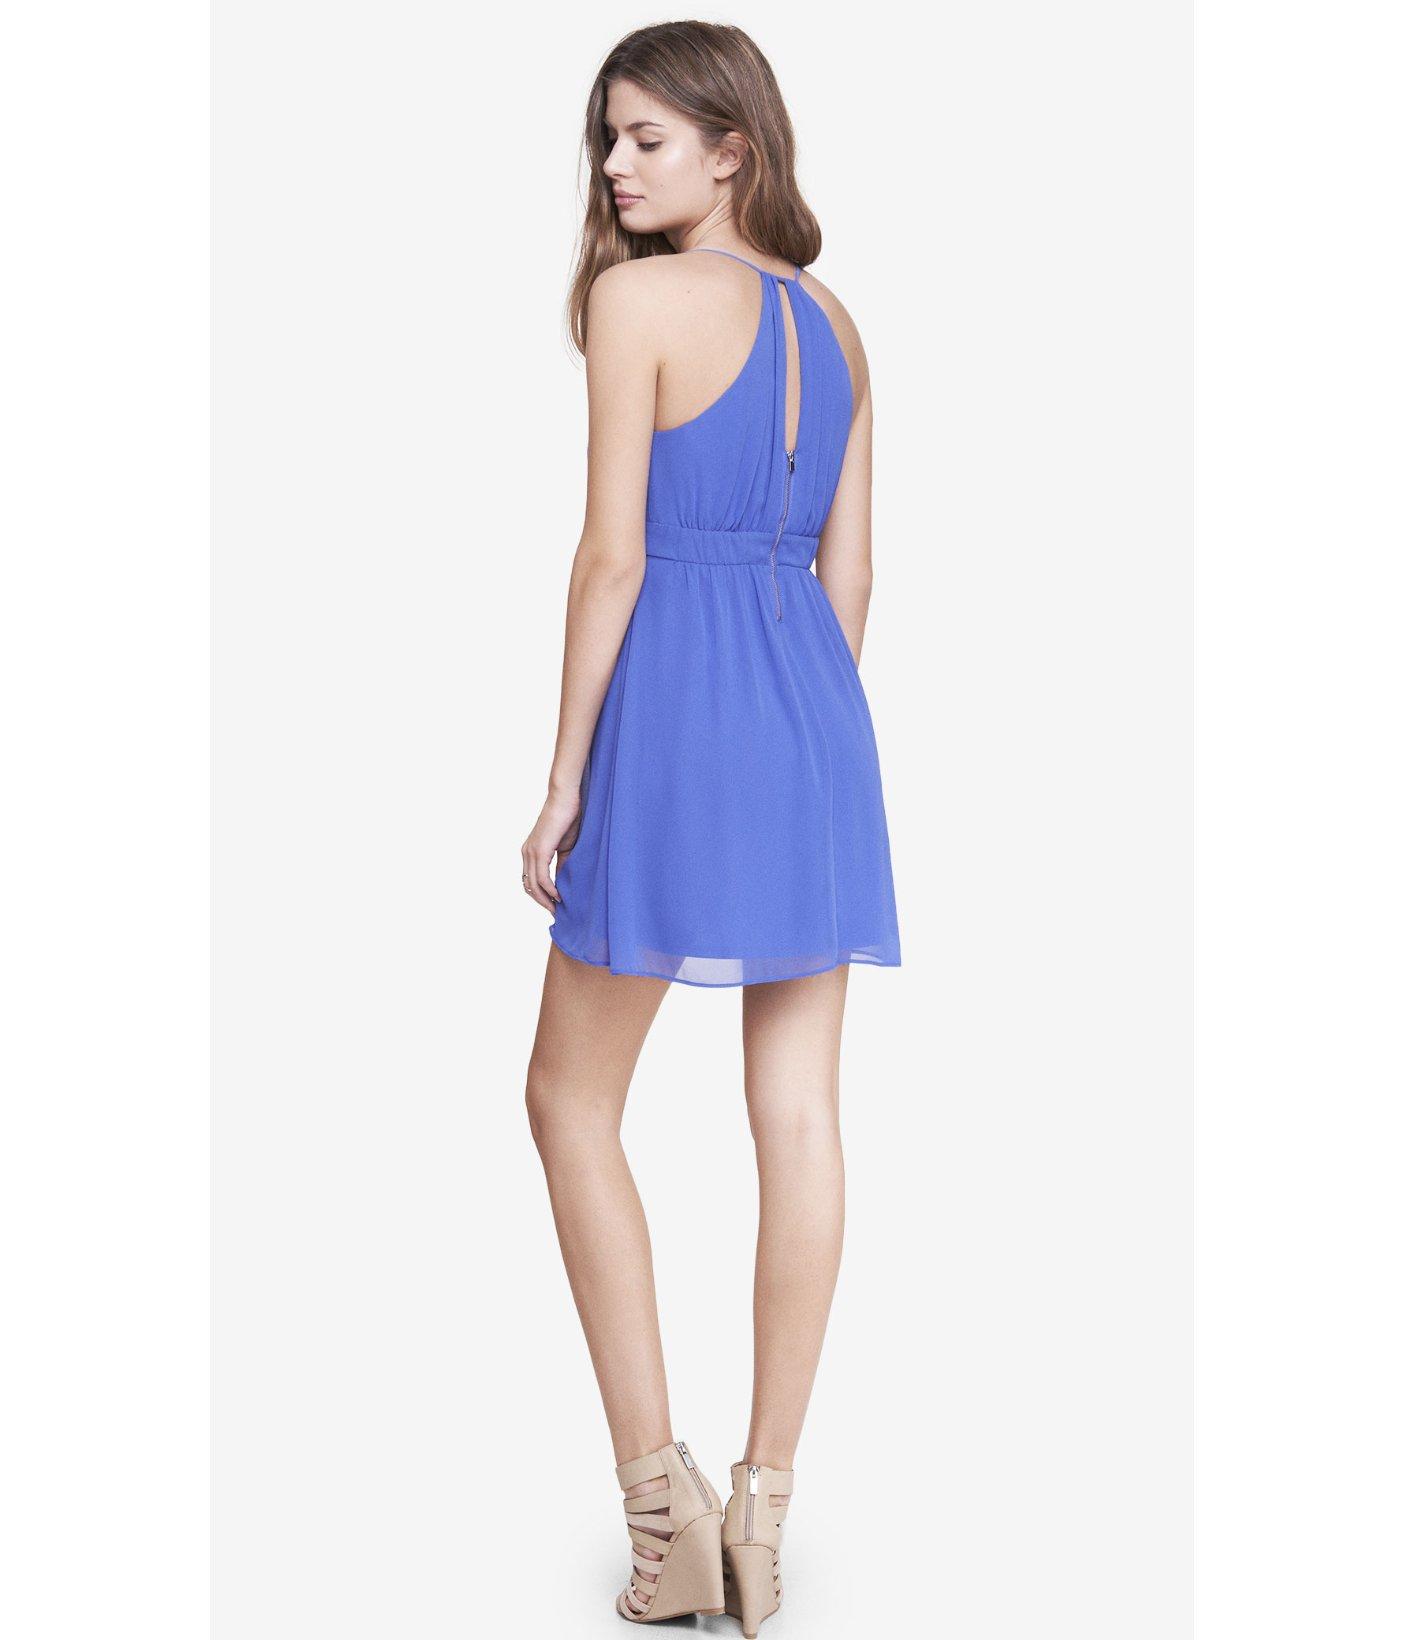 e4d3900561 Express Blue Chiffon Crisscross Babydoll Dress in Blue - Lyst